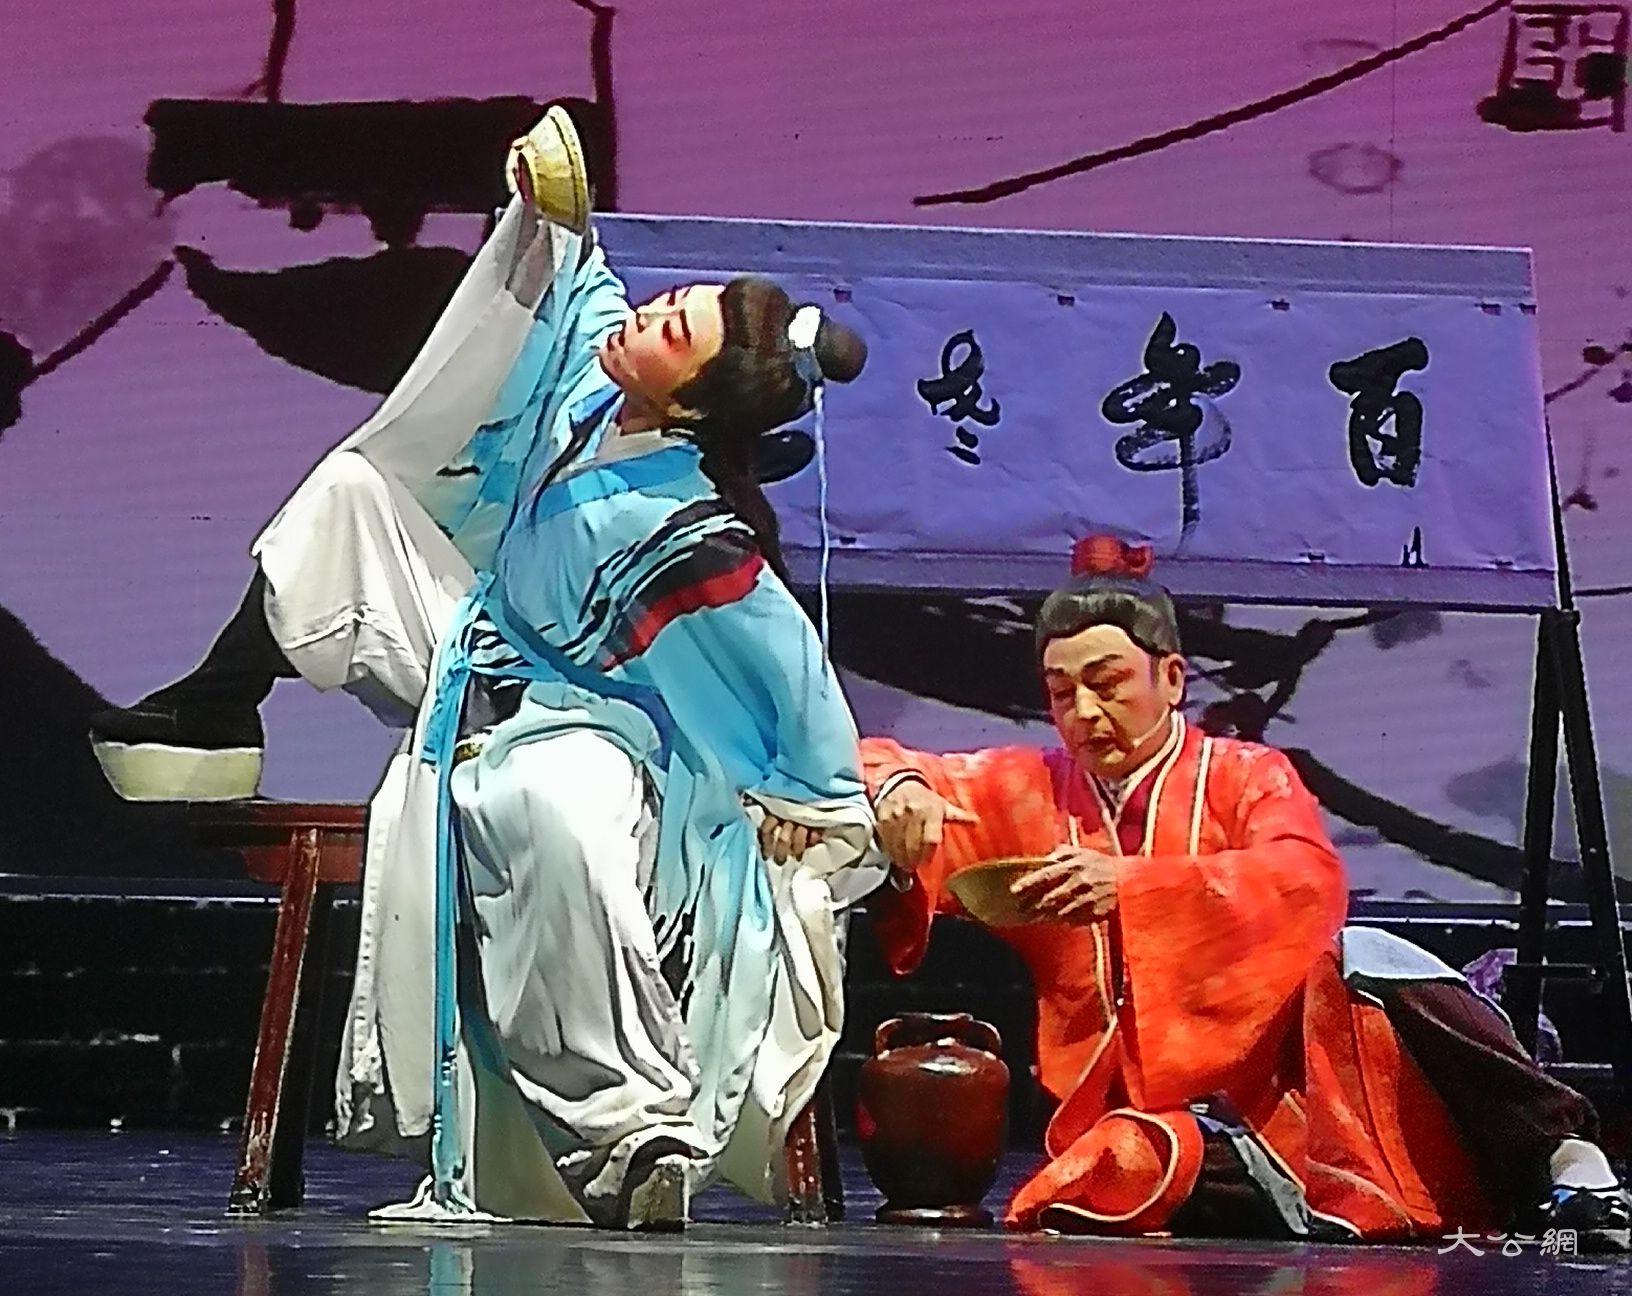 第二屆民間職業劇團展演鄭州揭幕 5天上演10場大戲